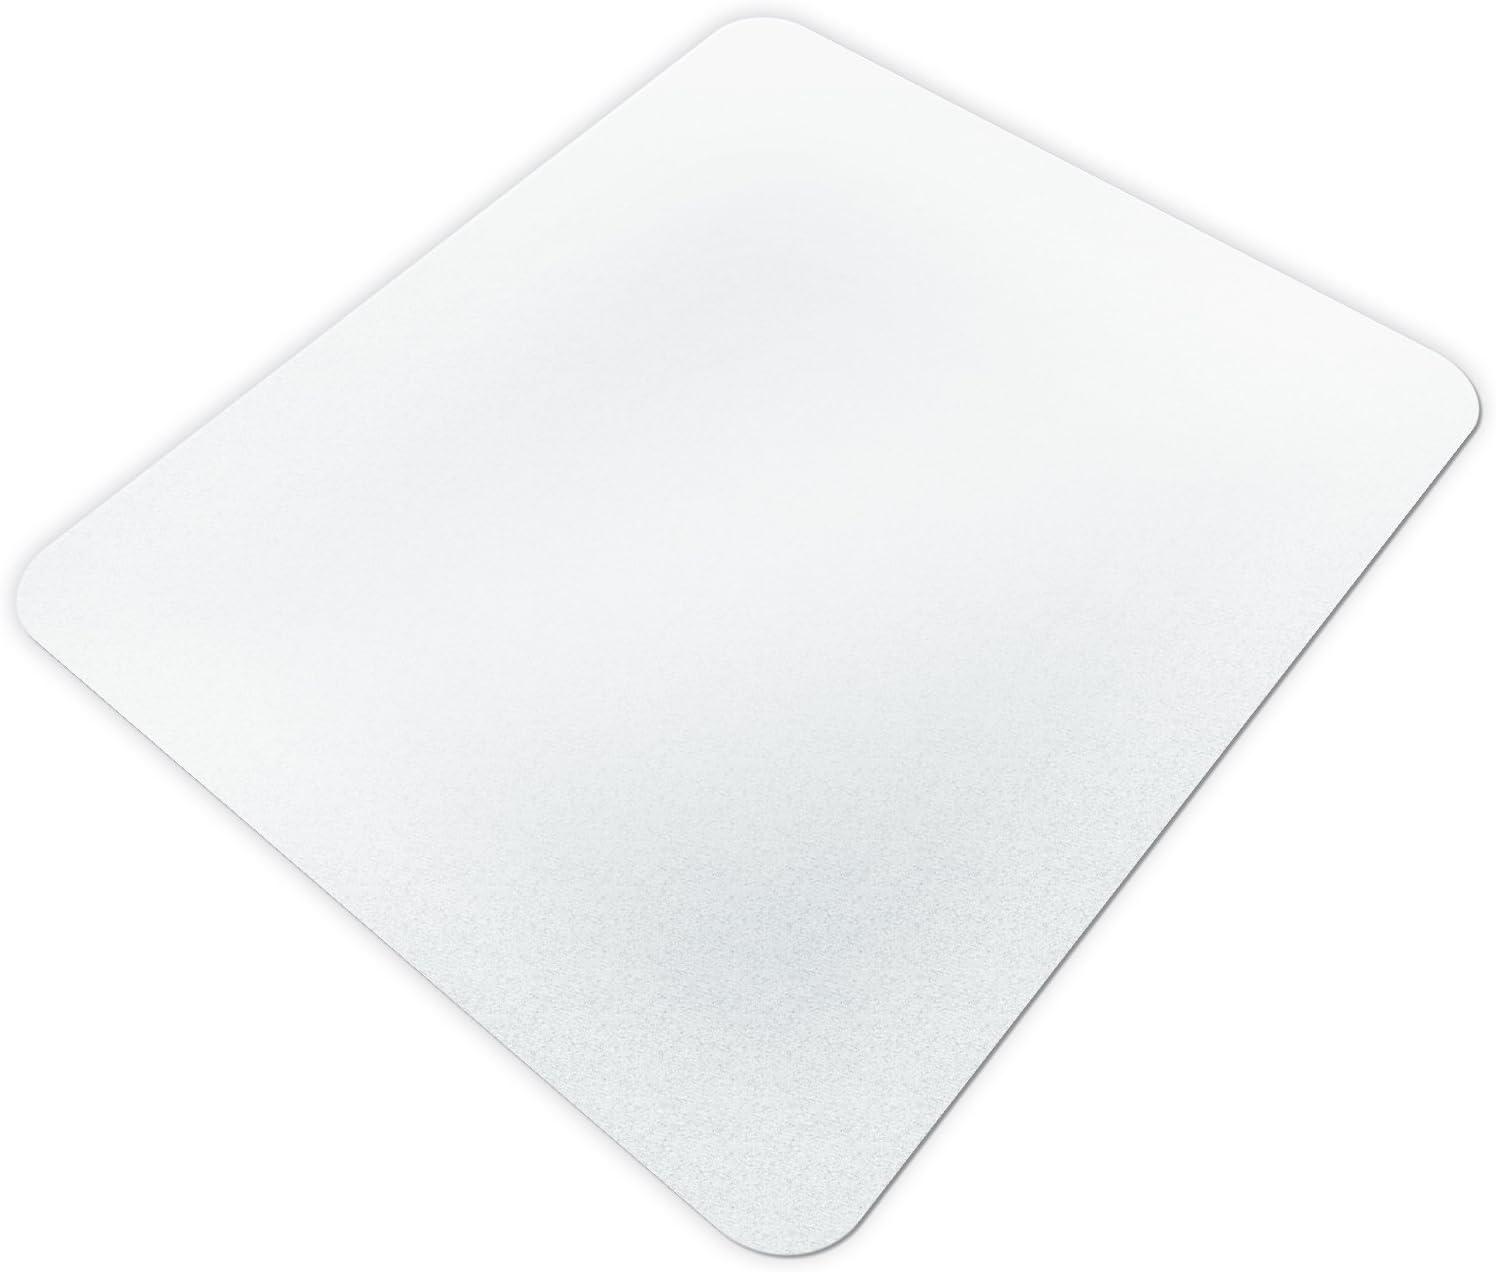 weitere Gr/ö/ßen mit und ohne Lippe w/ählbar extra transparent und rutschfest optimales Gleitverhalten f/ür Stuhlrollen etm/® Bodenschutzmatte 120x200 cm Hartboden